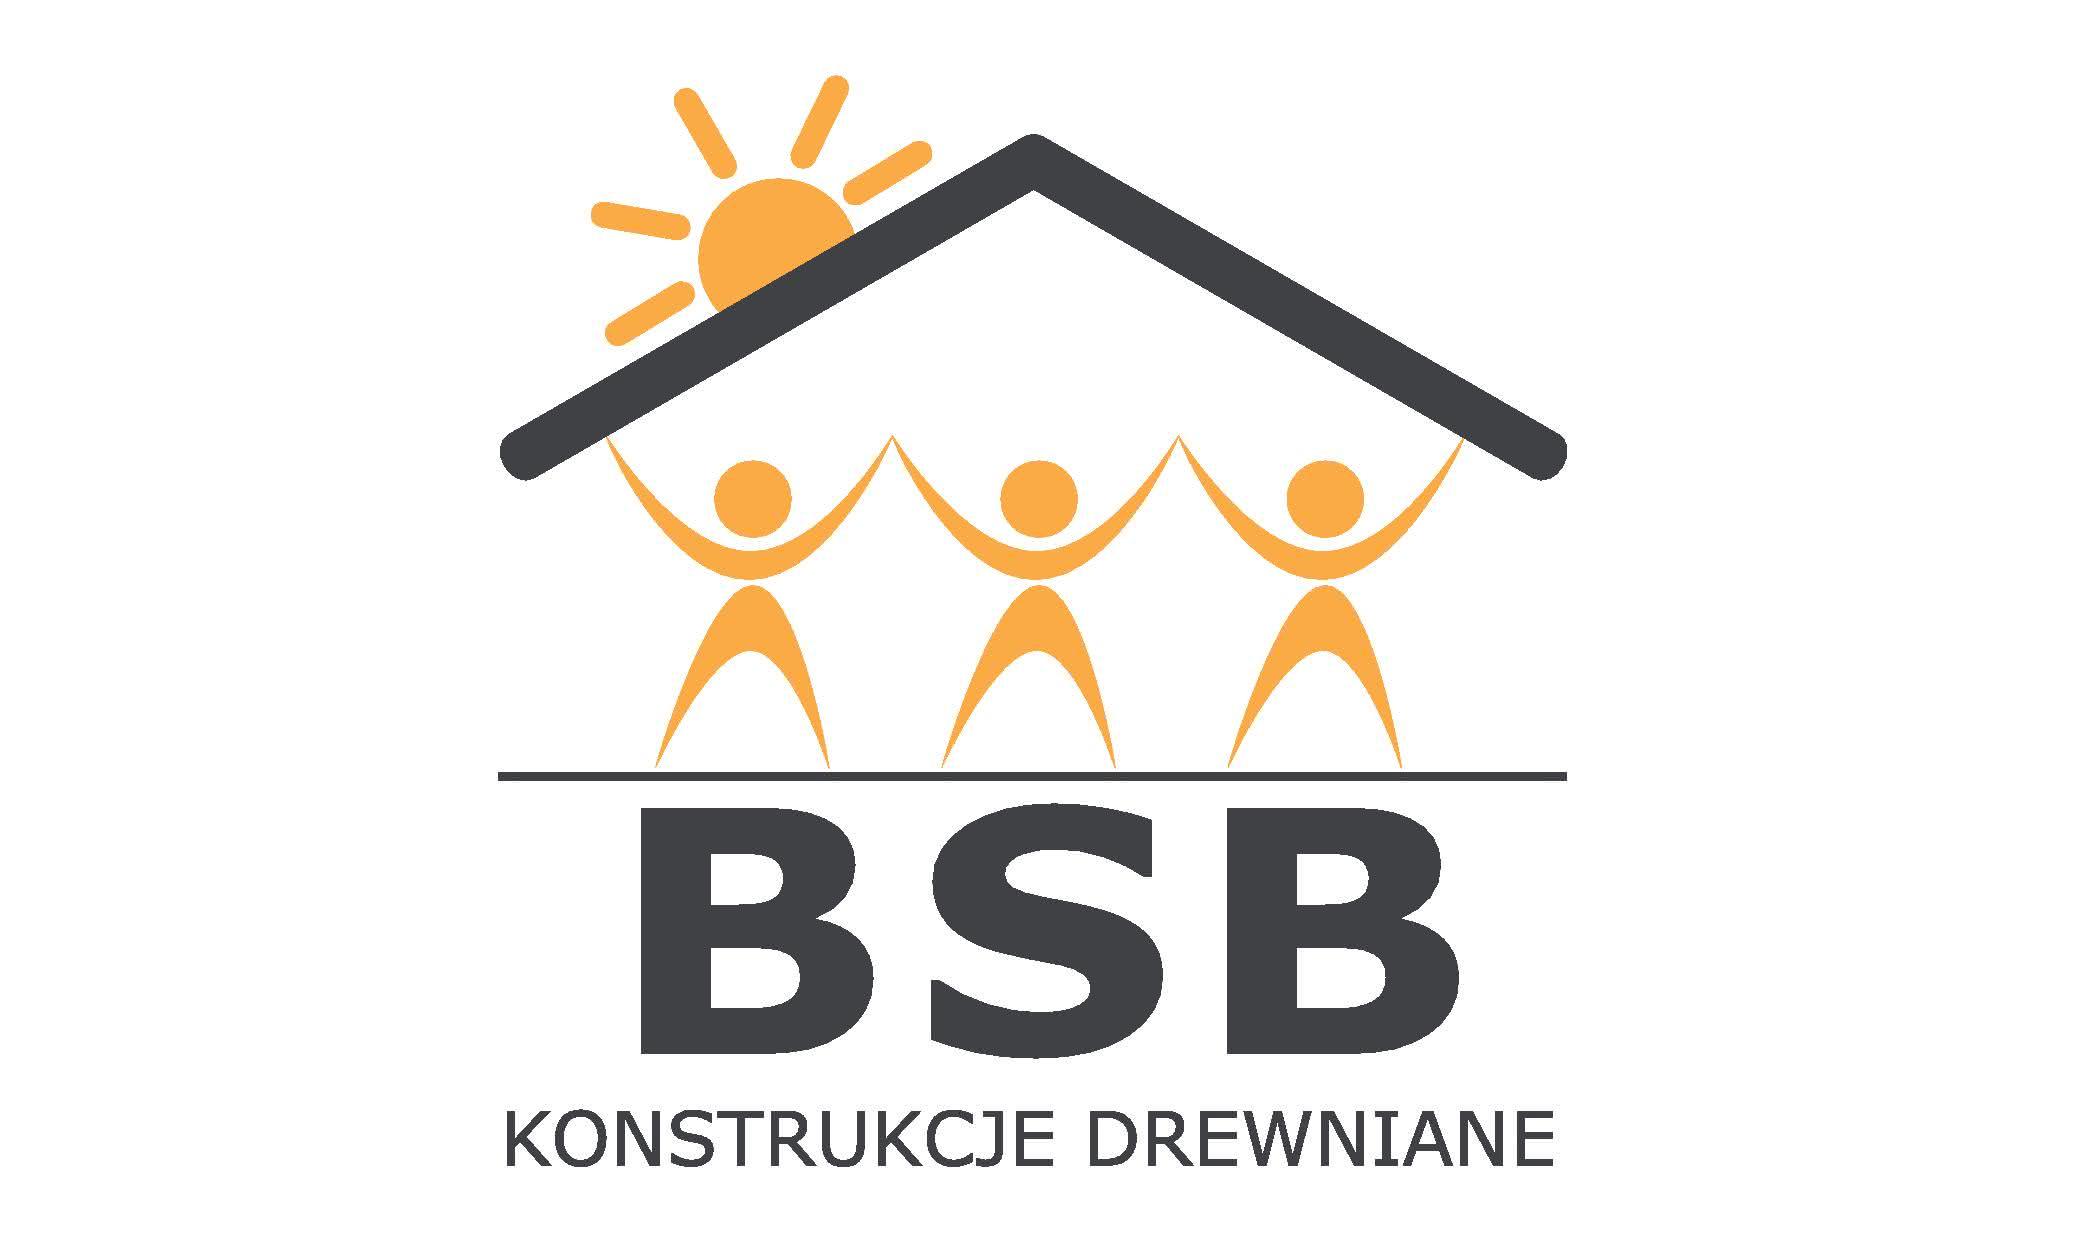 BSB-Konstrukcje drewniane